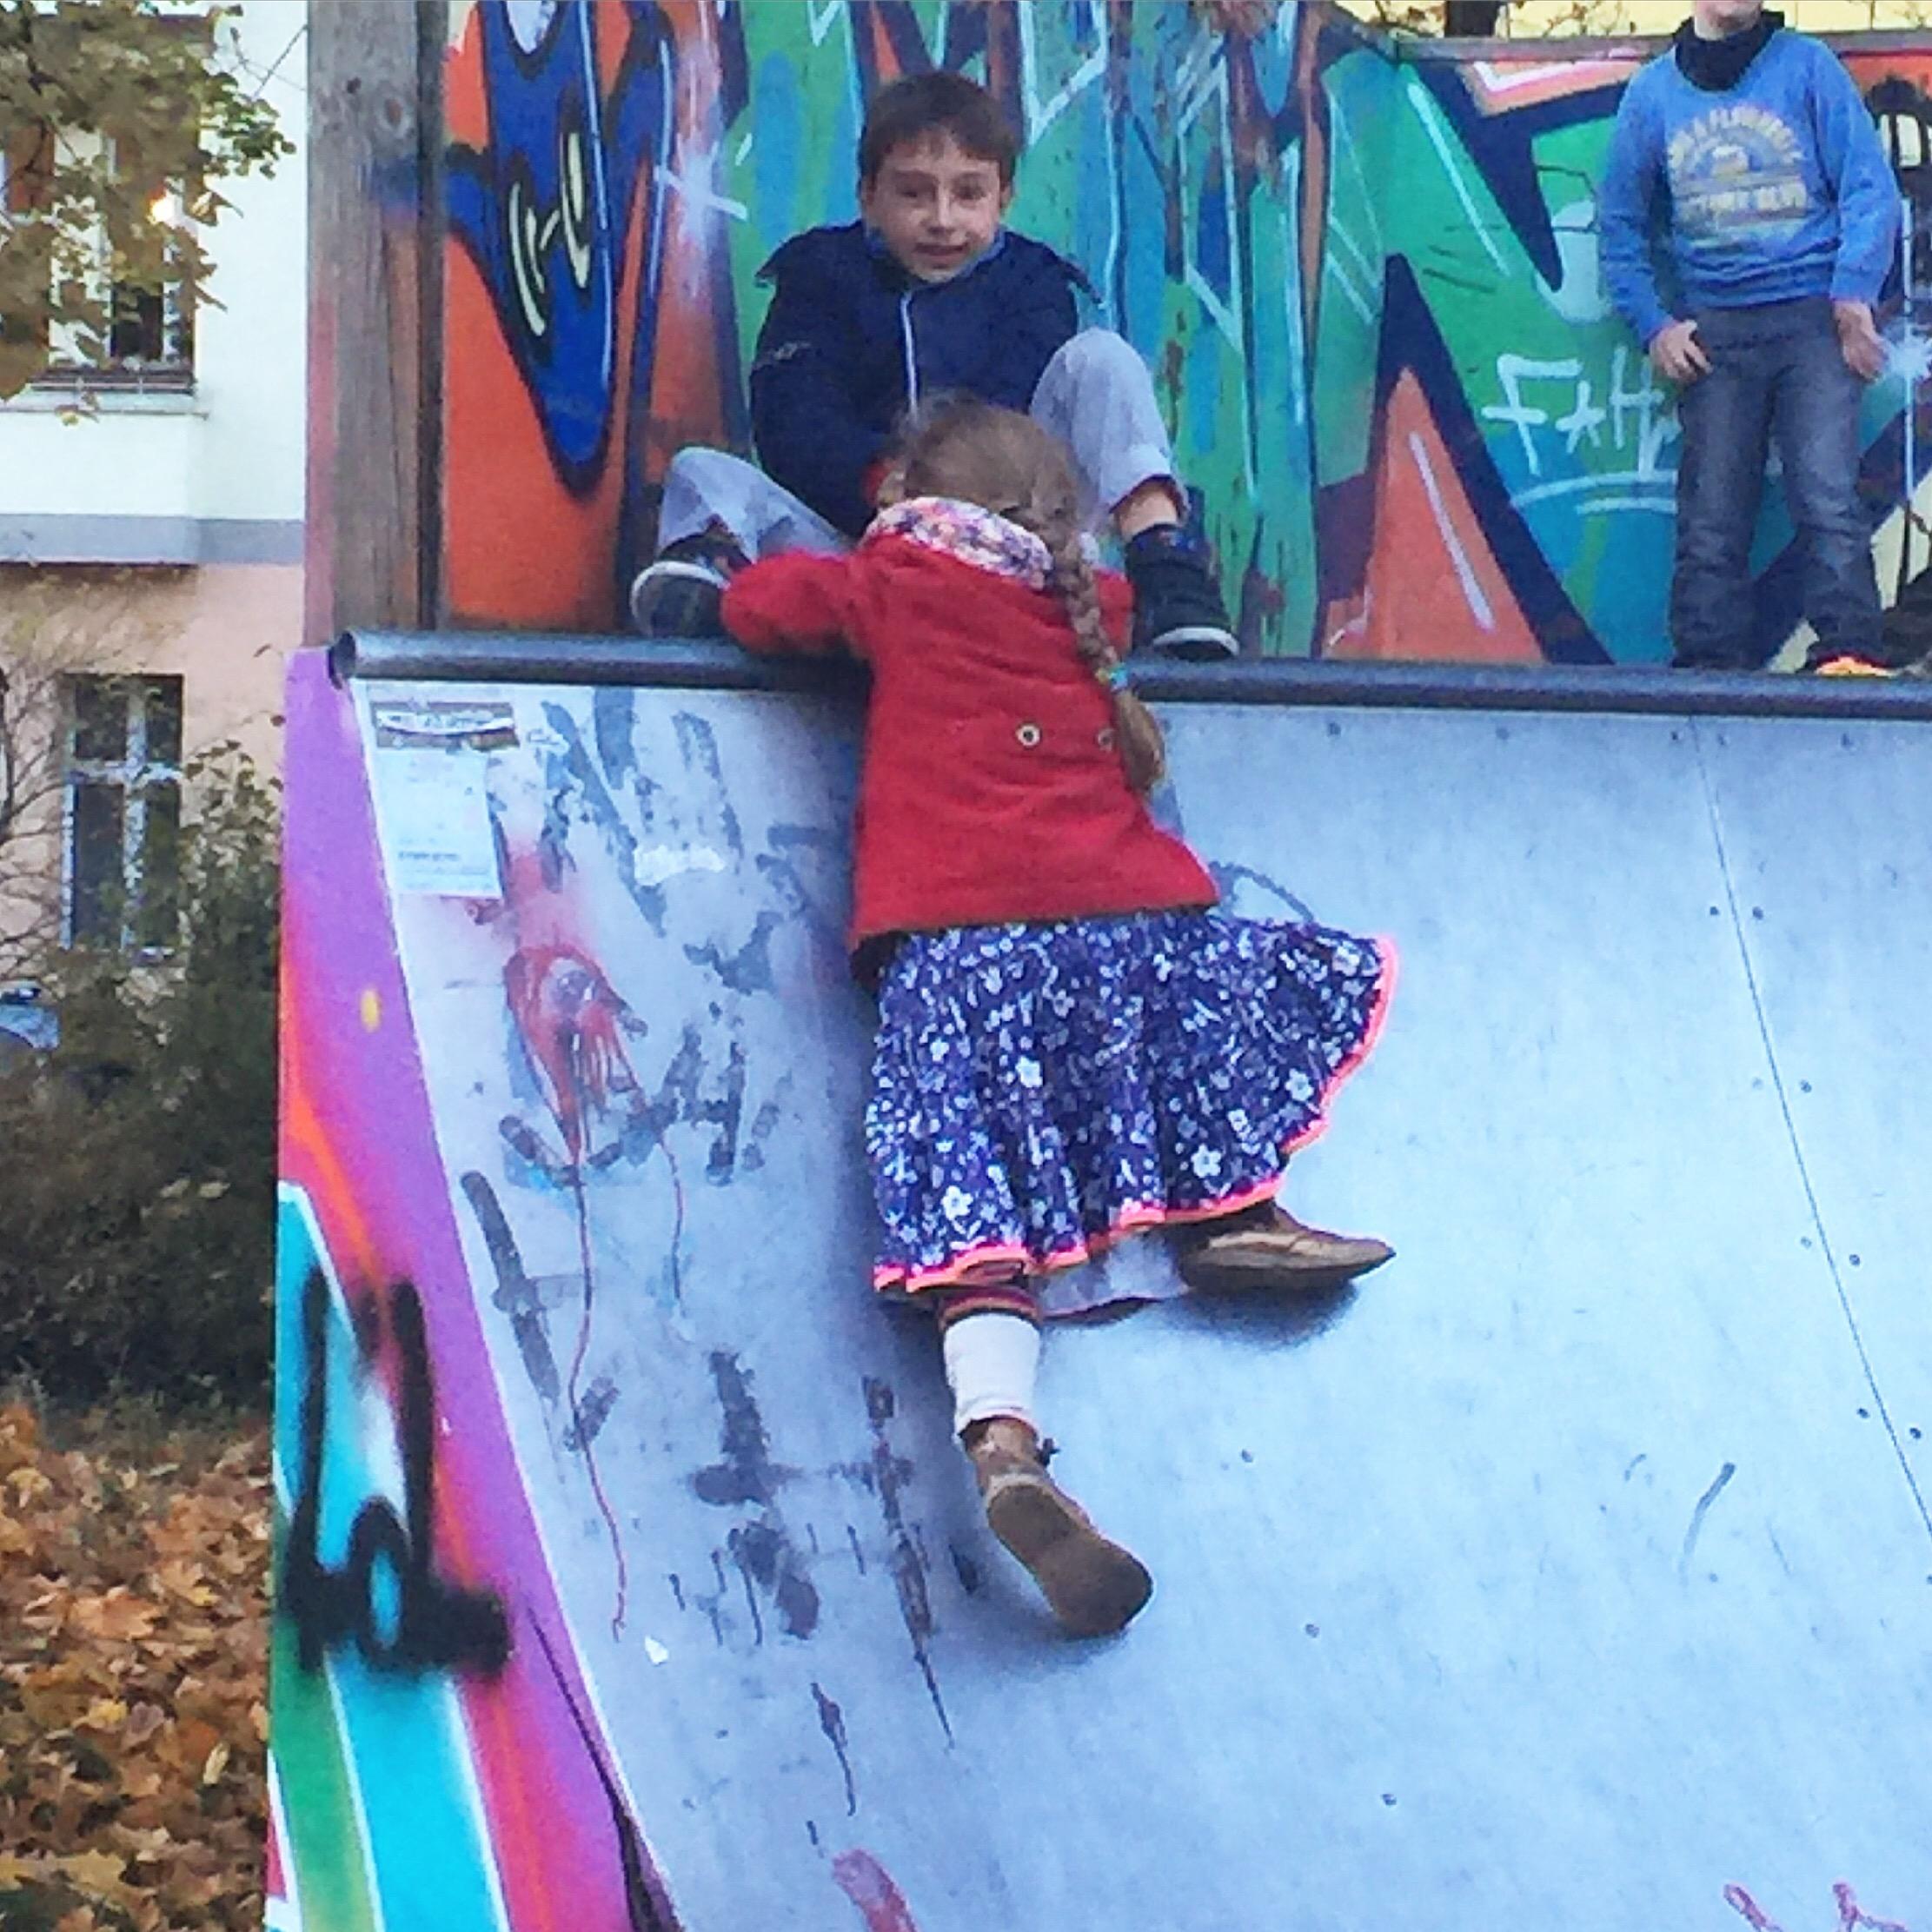 Wochenende in Bildern, Spaziergang, Halfpipe, Friedrichshain, Kinder, Leben mit Kindern, urban childhood, Berlin, Alltag, Herbstferien in der Stadt, Stadtkinder